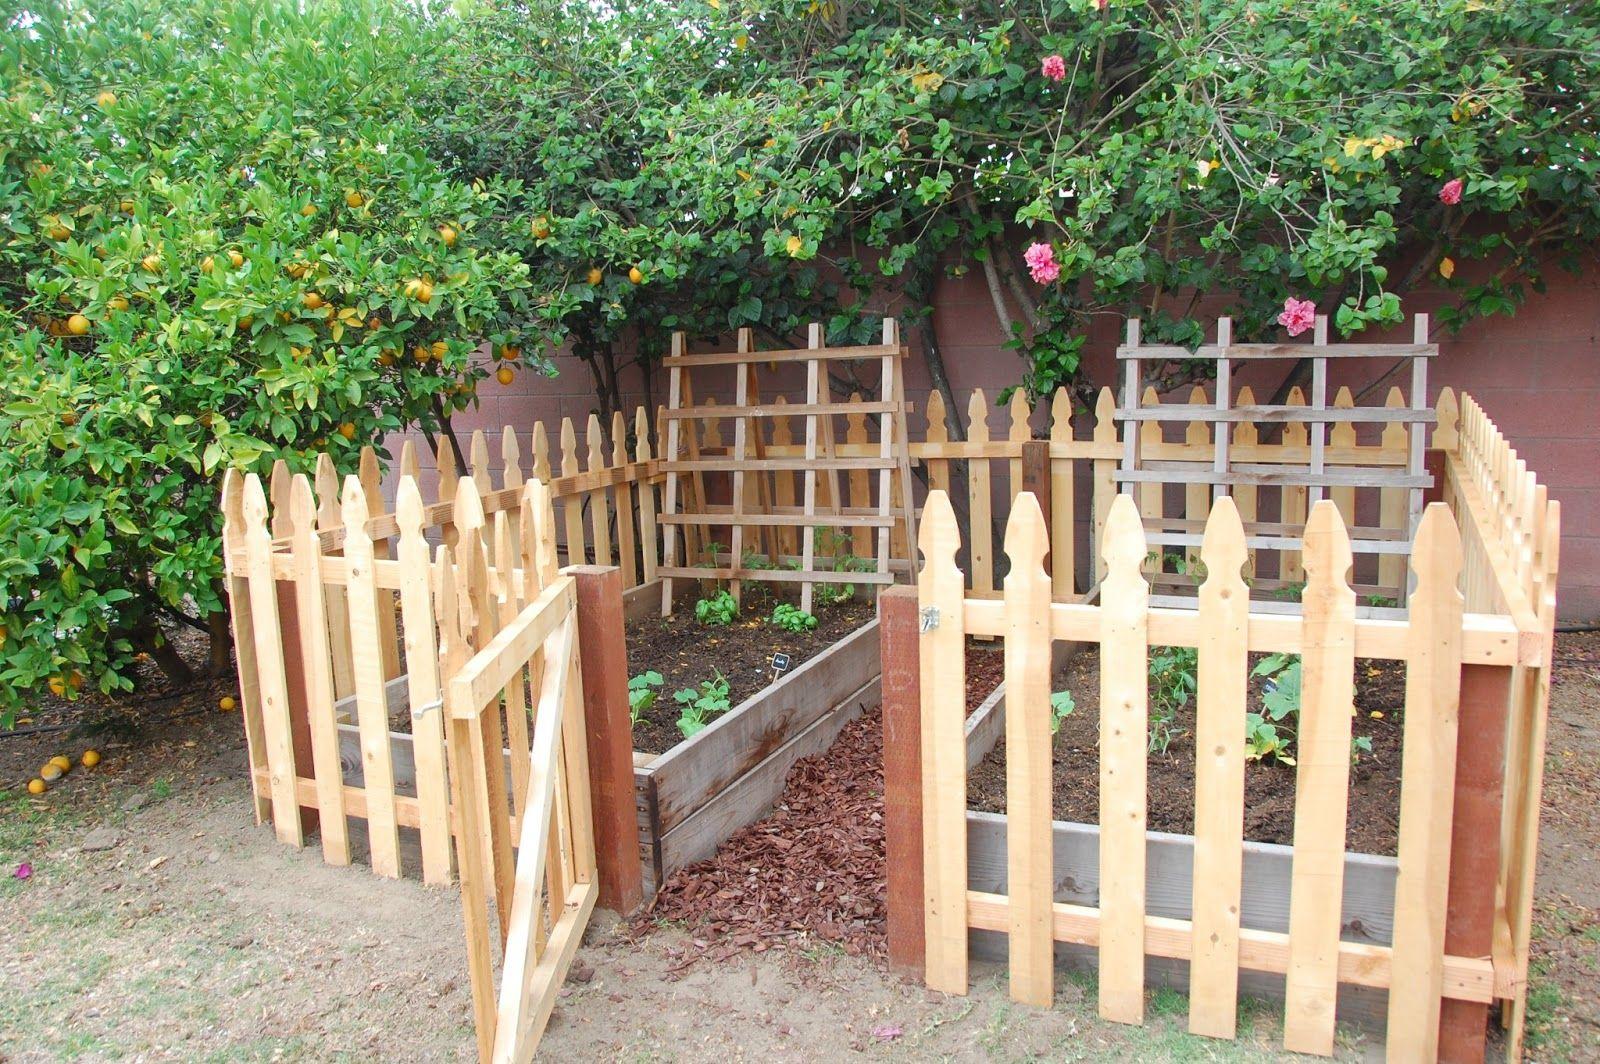 Beautiful Fence Around Garden #12 Vegetable Garden Fence